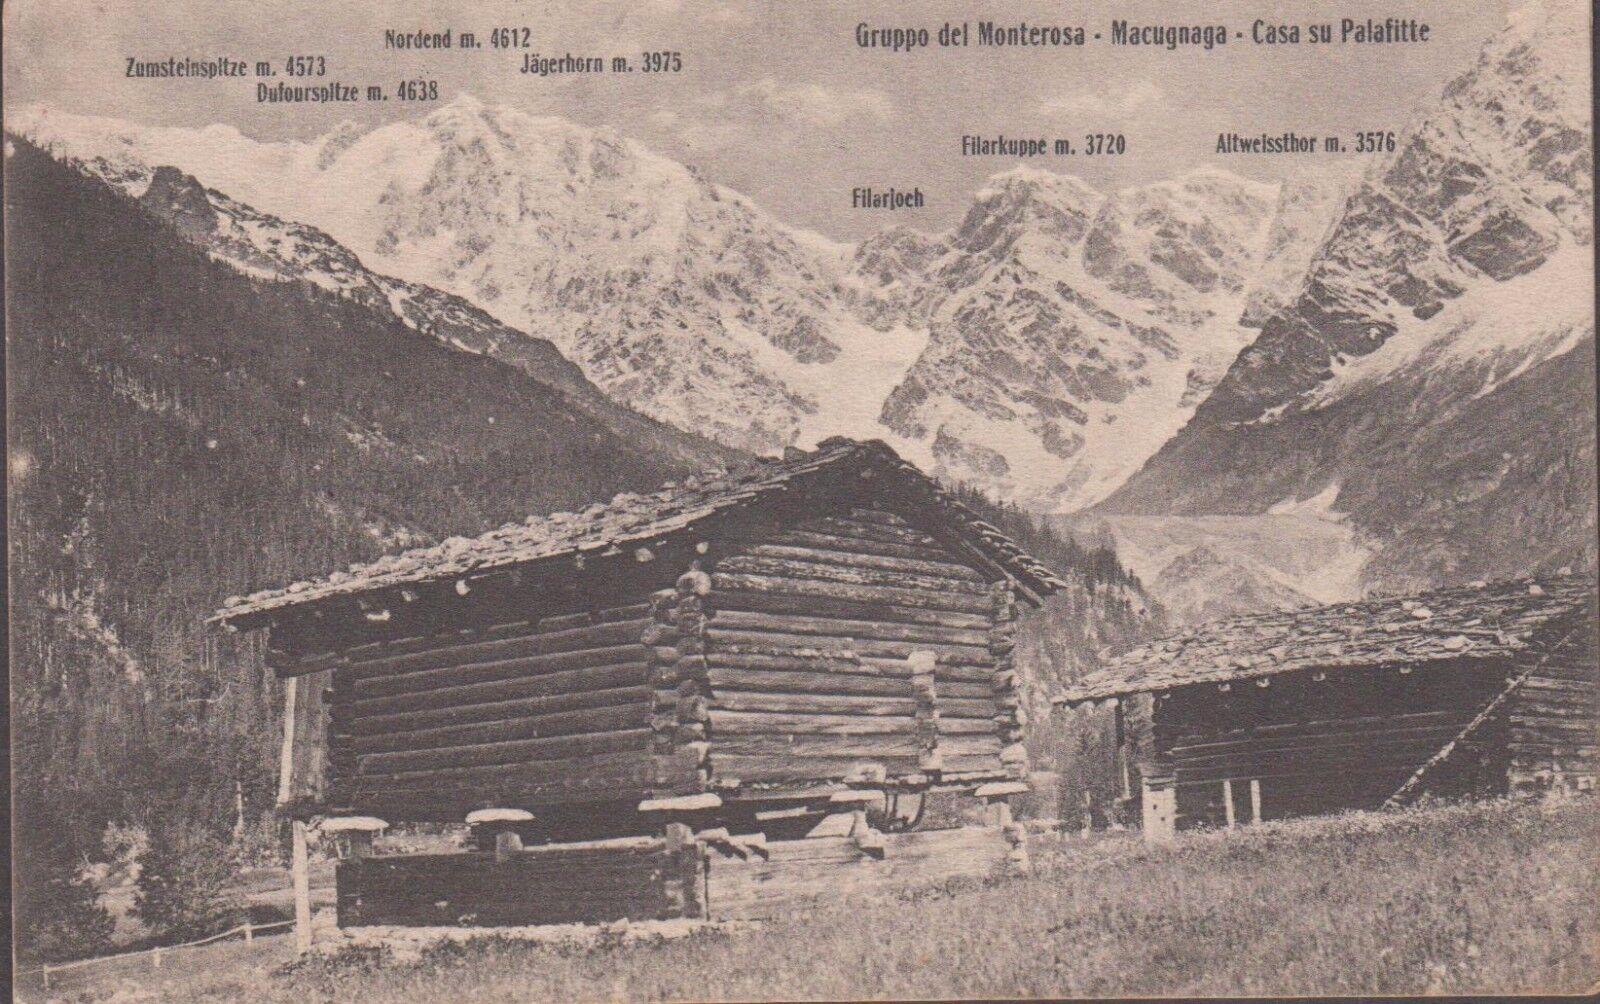 Gruppo del Monterosa - Macugnana - Casa su Palafitte - Viaggiata.